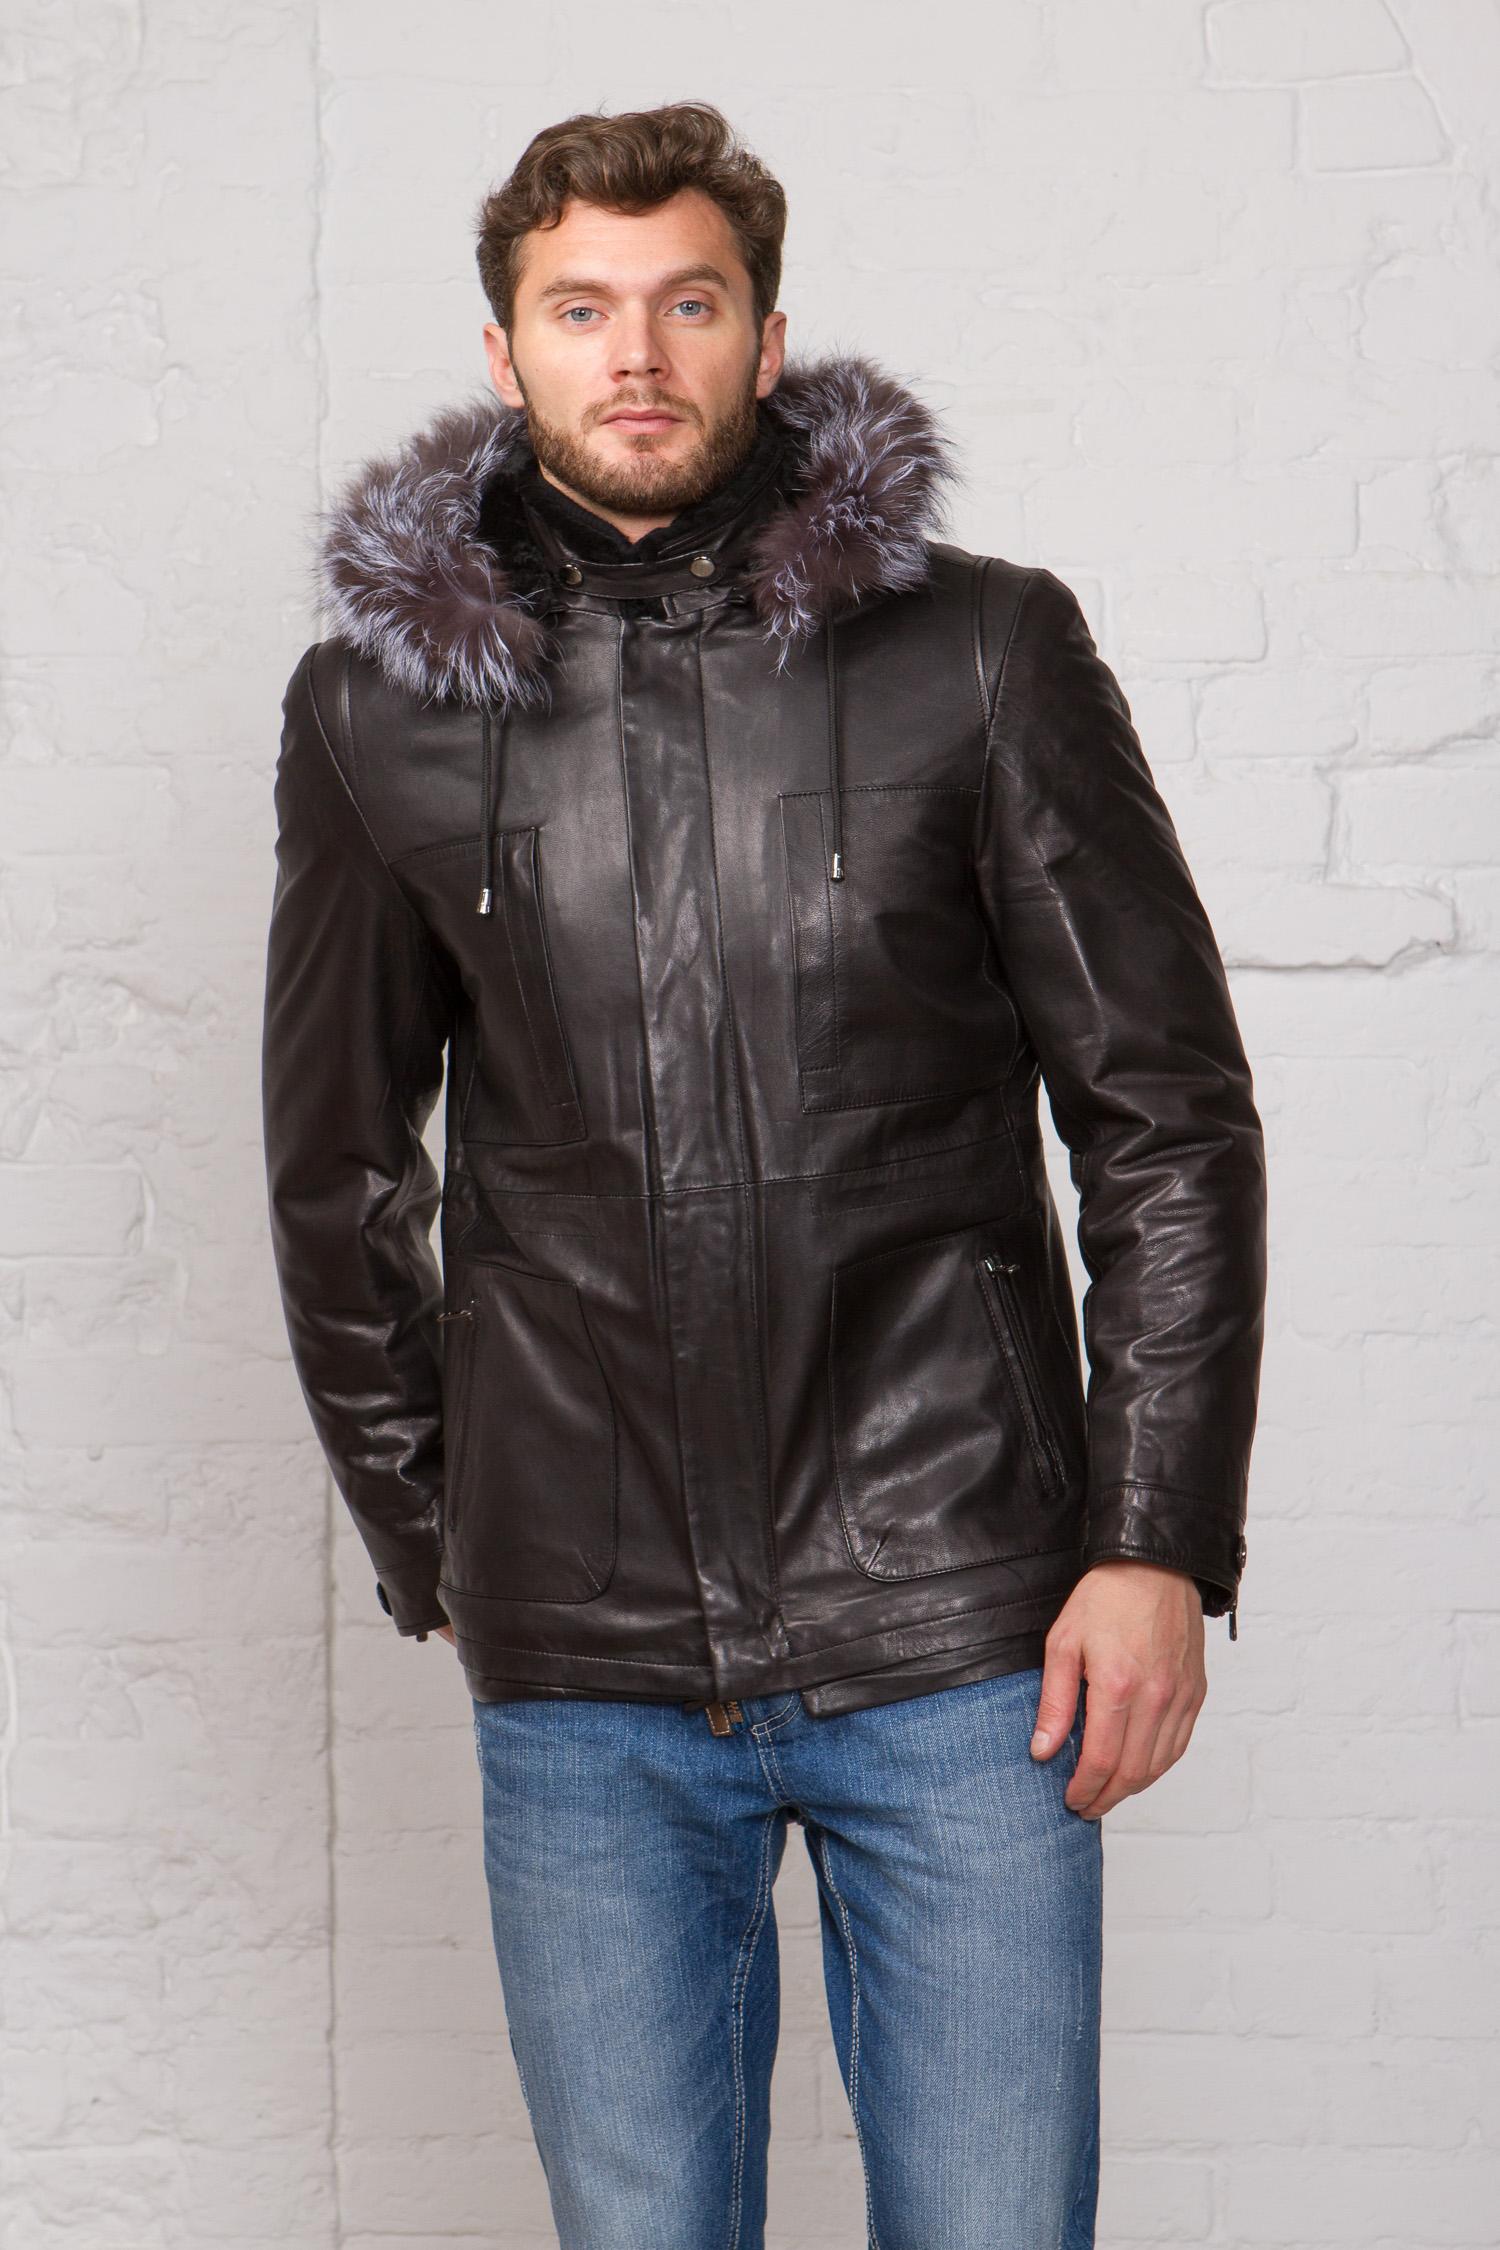 Мужская кожаная куртка из натуральной кожи на меху с капюшоном, отделка чернобурка